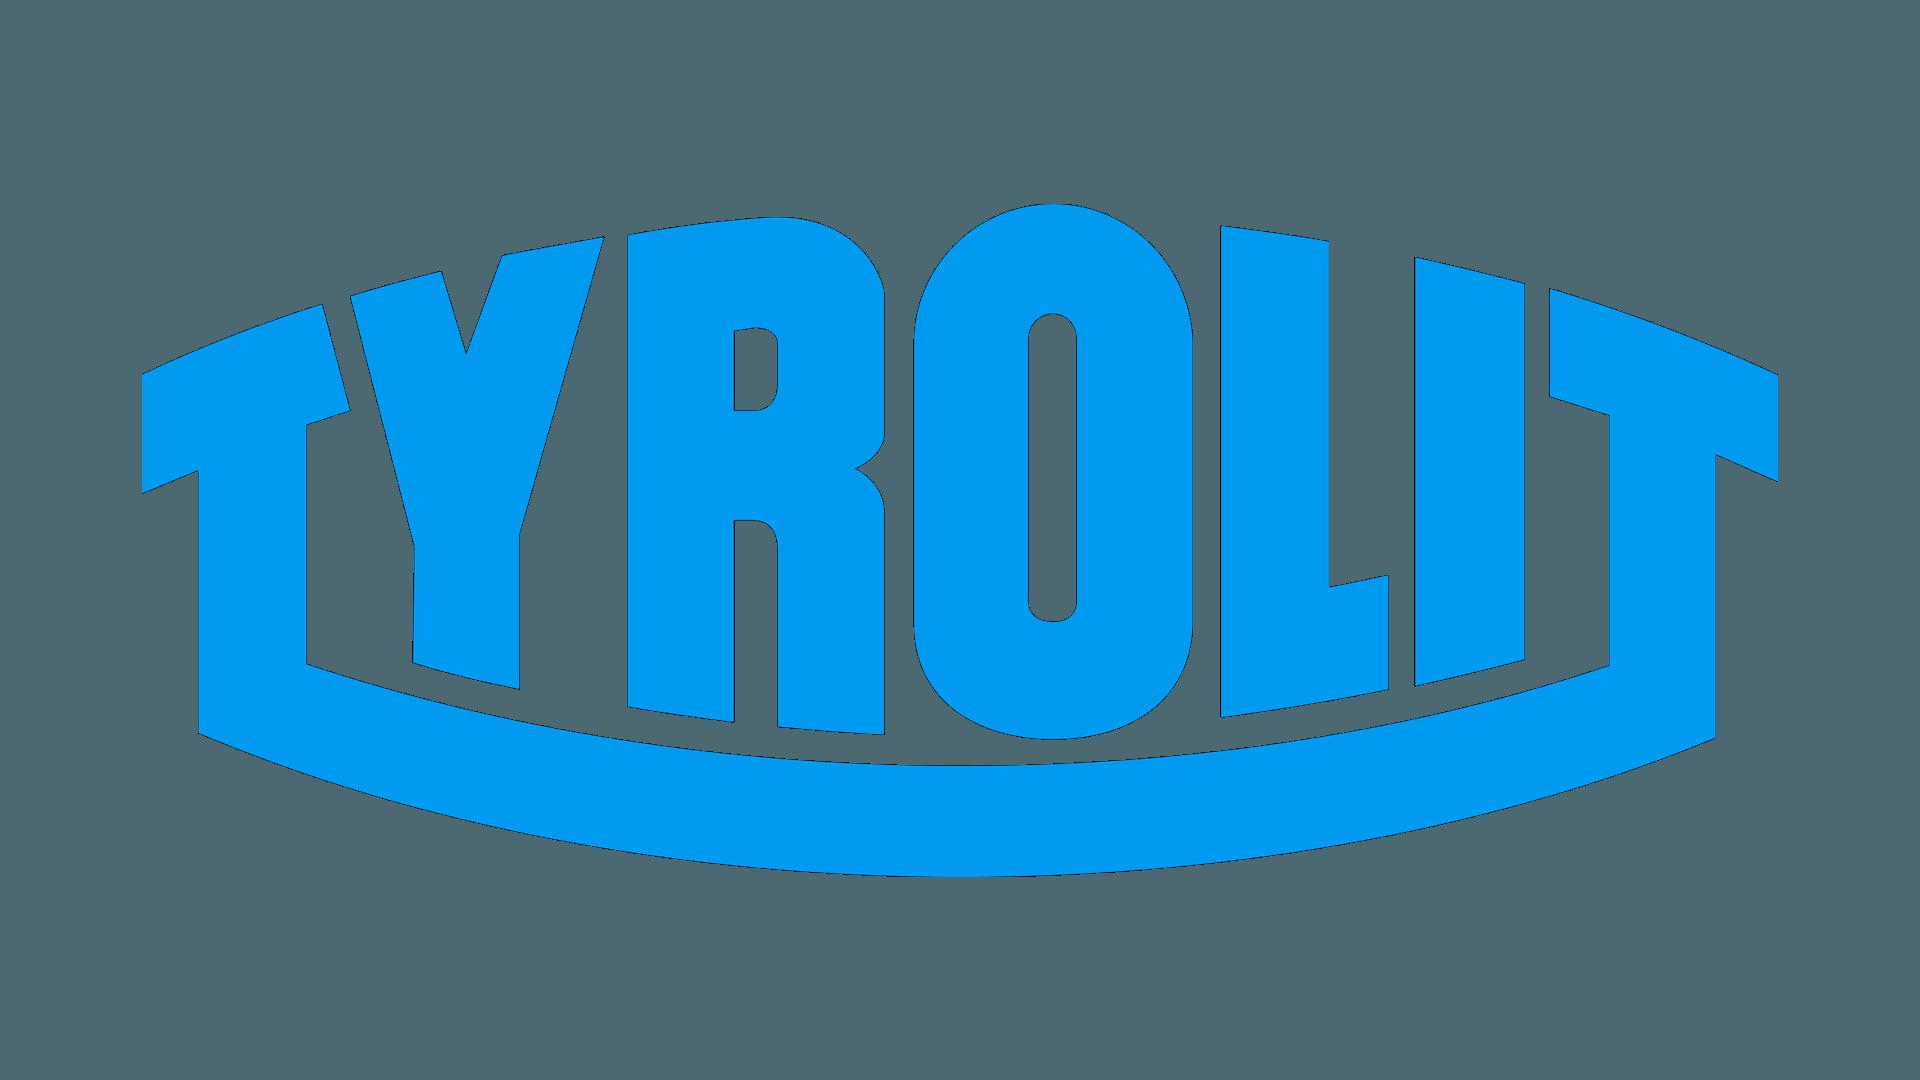 logo-tyrolit